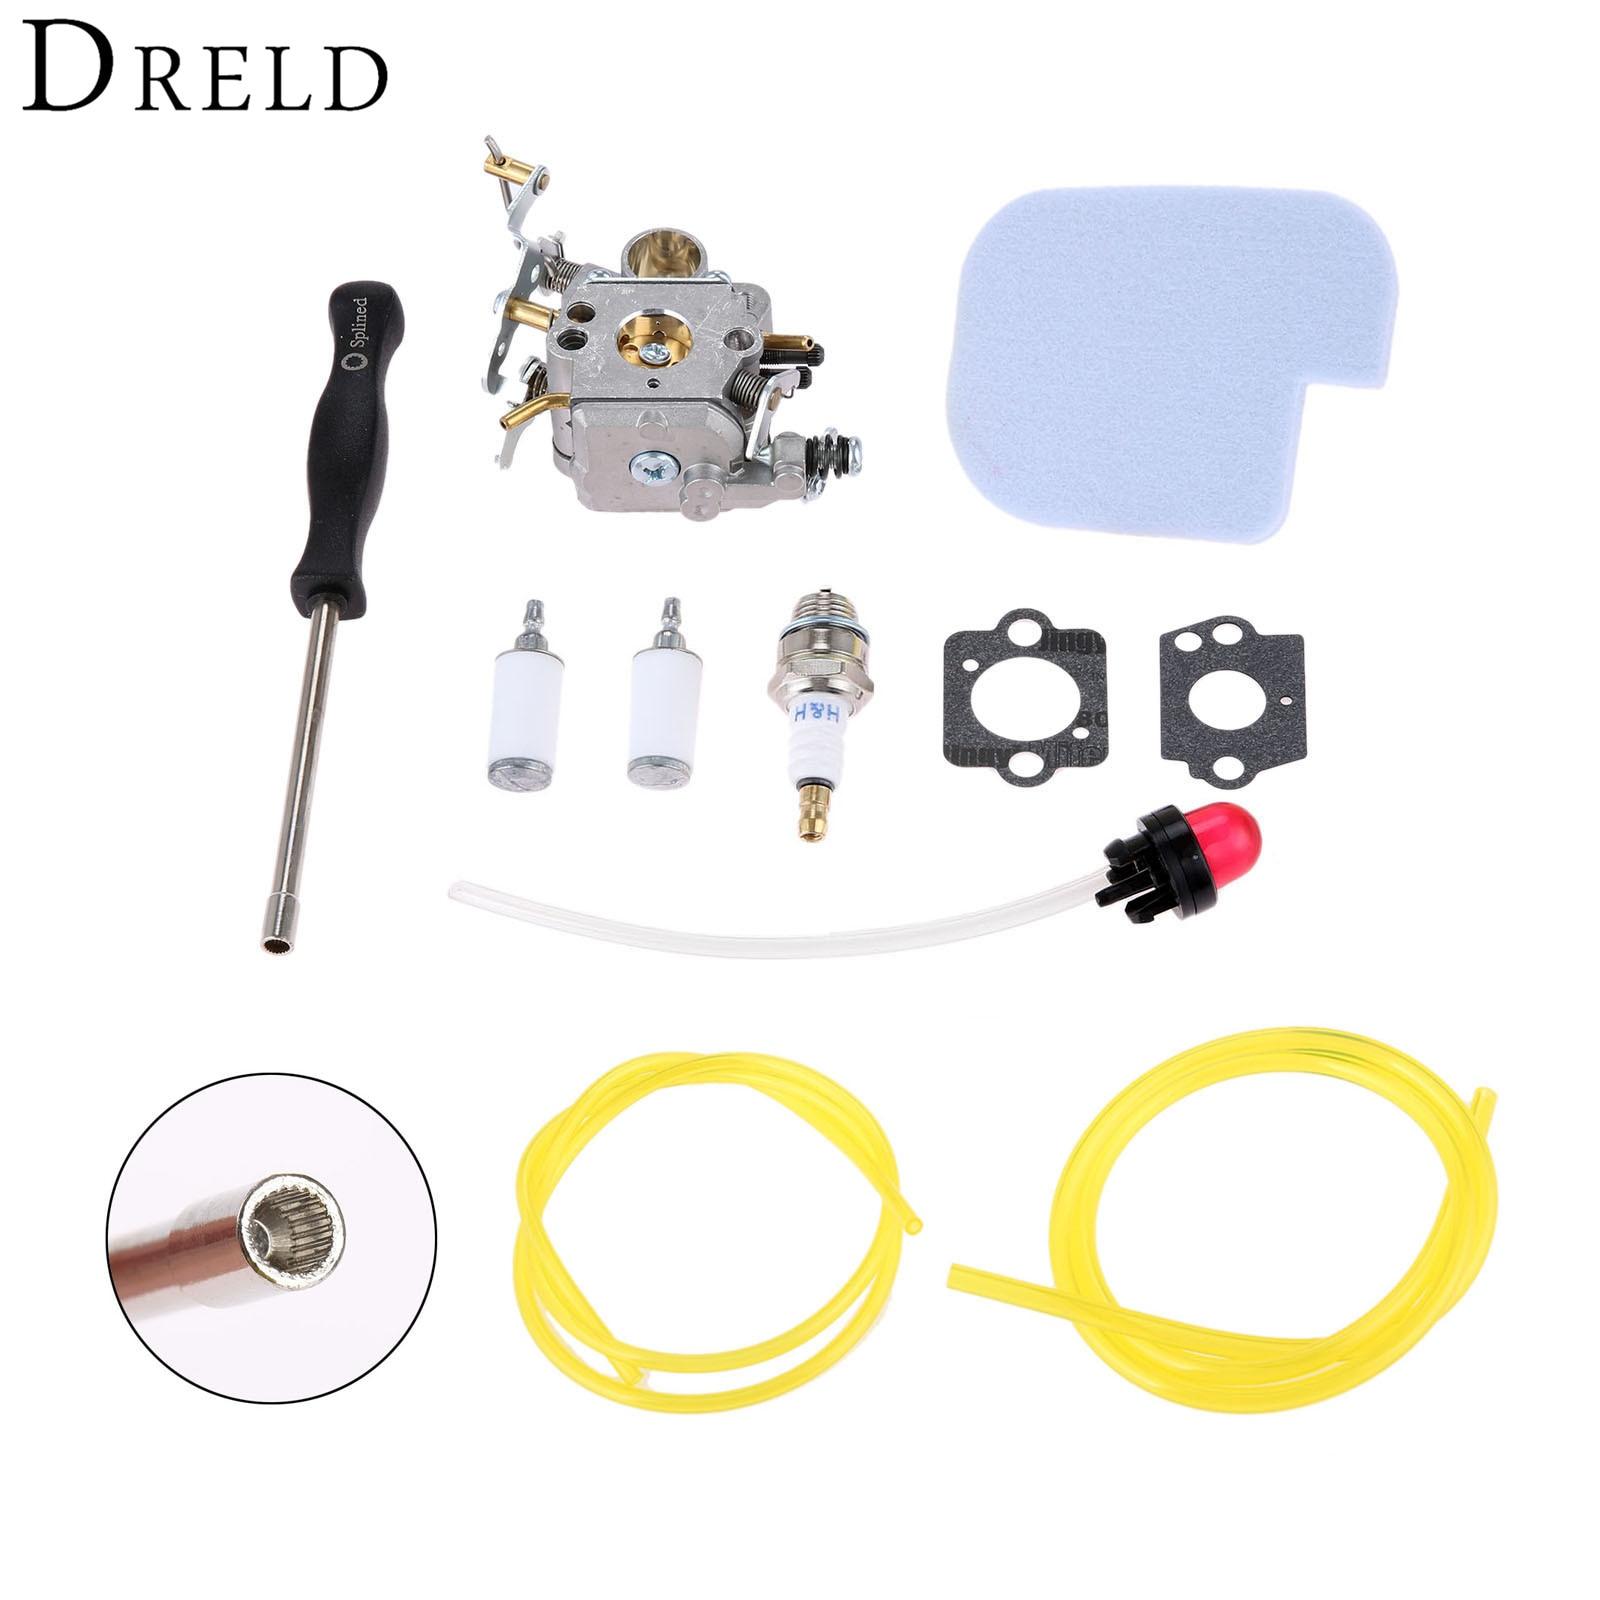 DRELD Carburador Carb + Junta + Filtro De Combustível + Primer Bulb + Filtro de Ar + Vela + Ferramenta Spined para Motosserra Poulan Artesão C1M-W26